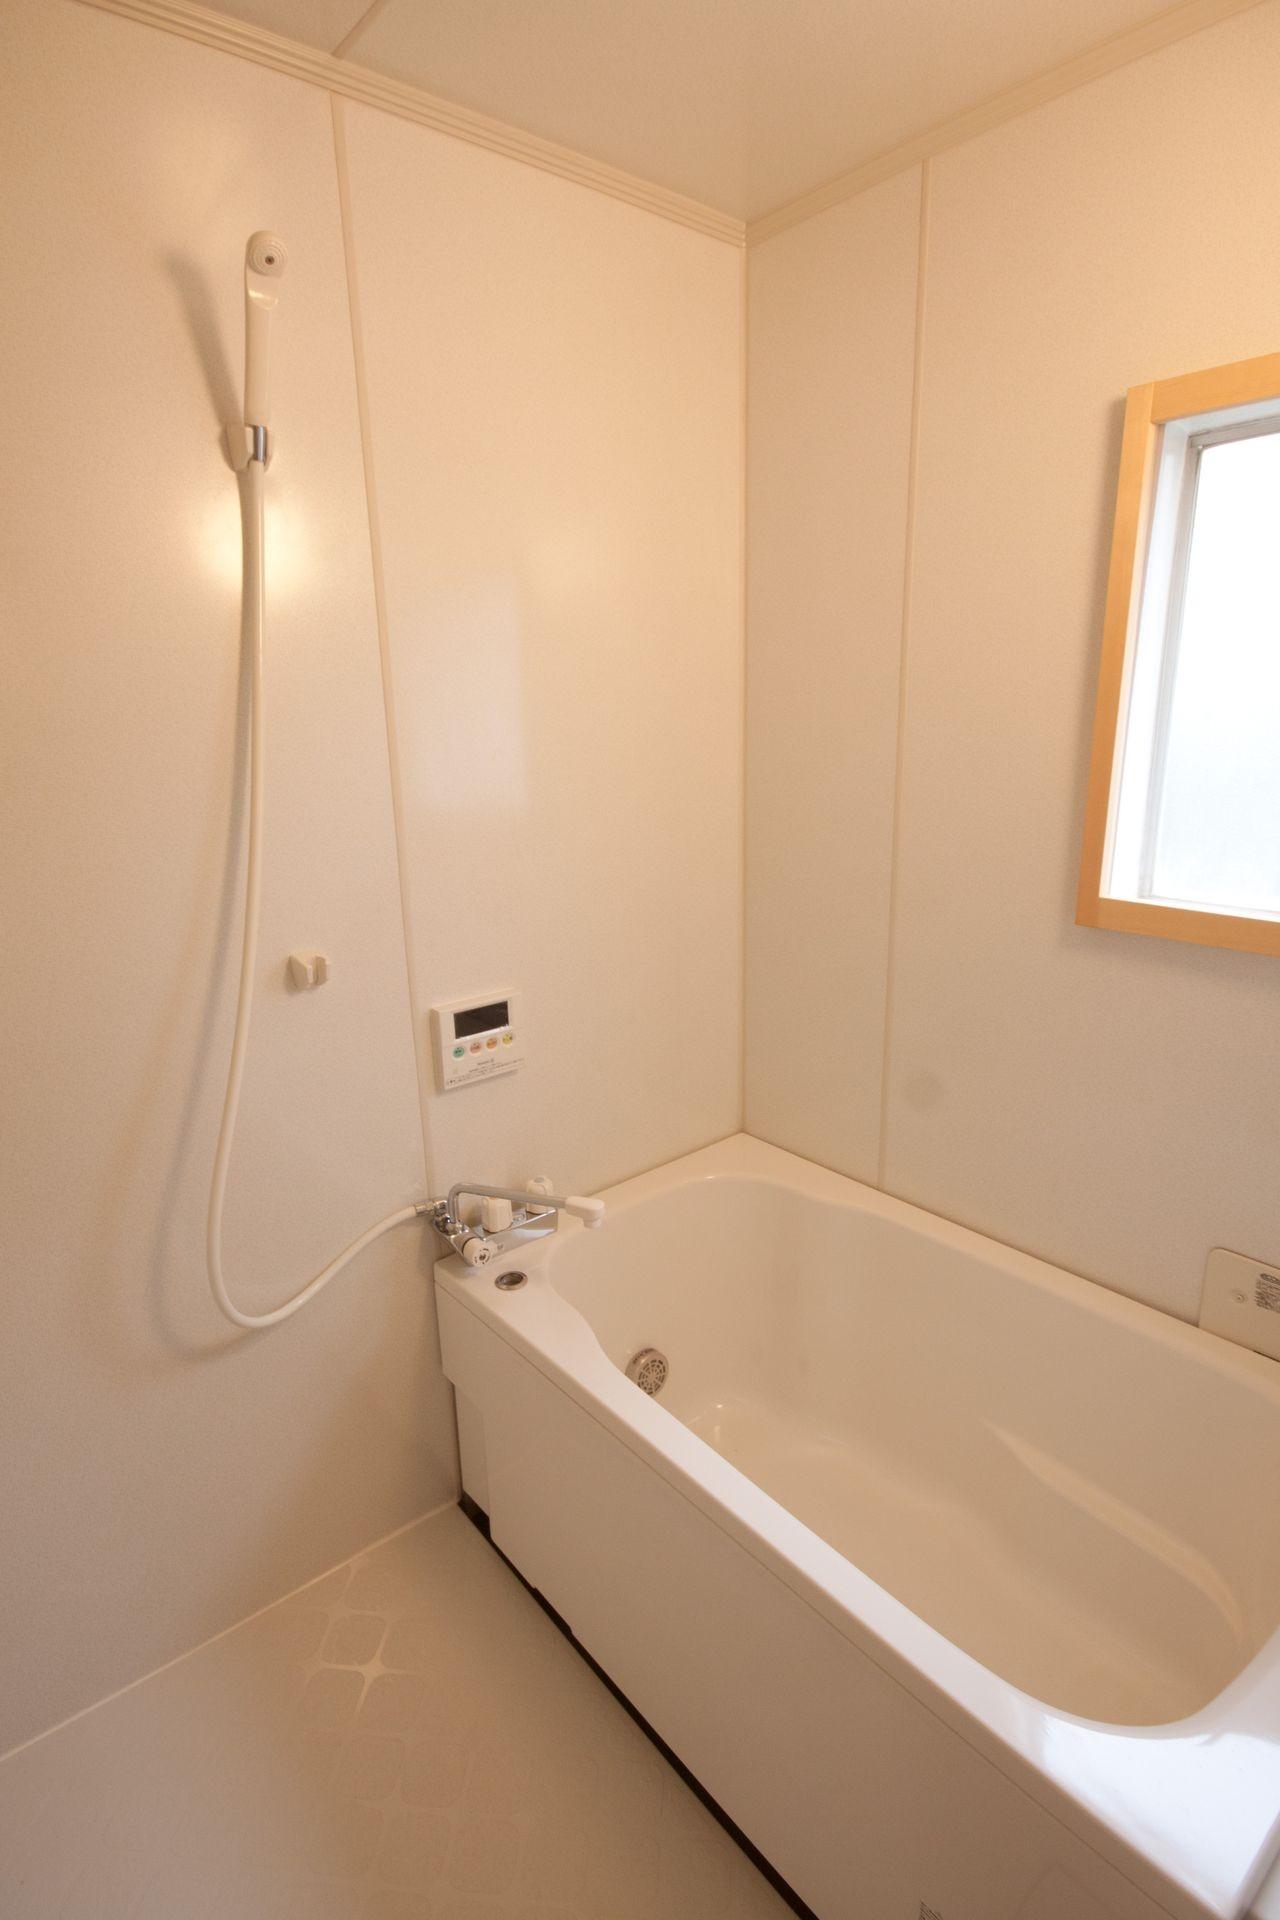 竹の台団地のアトリエ 京都府長岡京市の団地リノベーション。暮らしとしごとが同居する住宅とアトリエ (浴室)